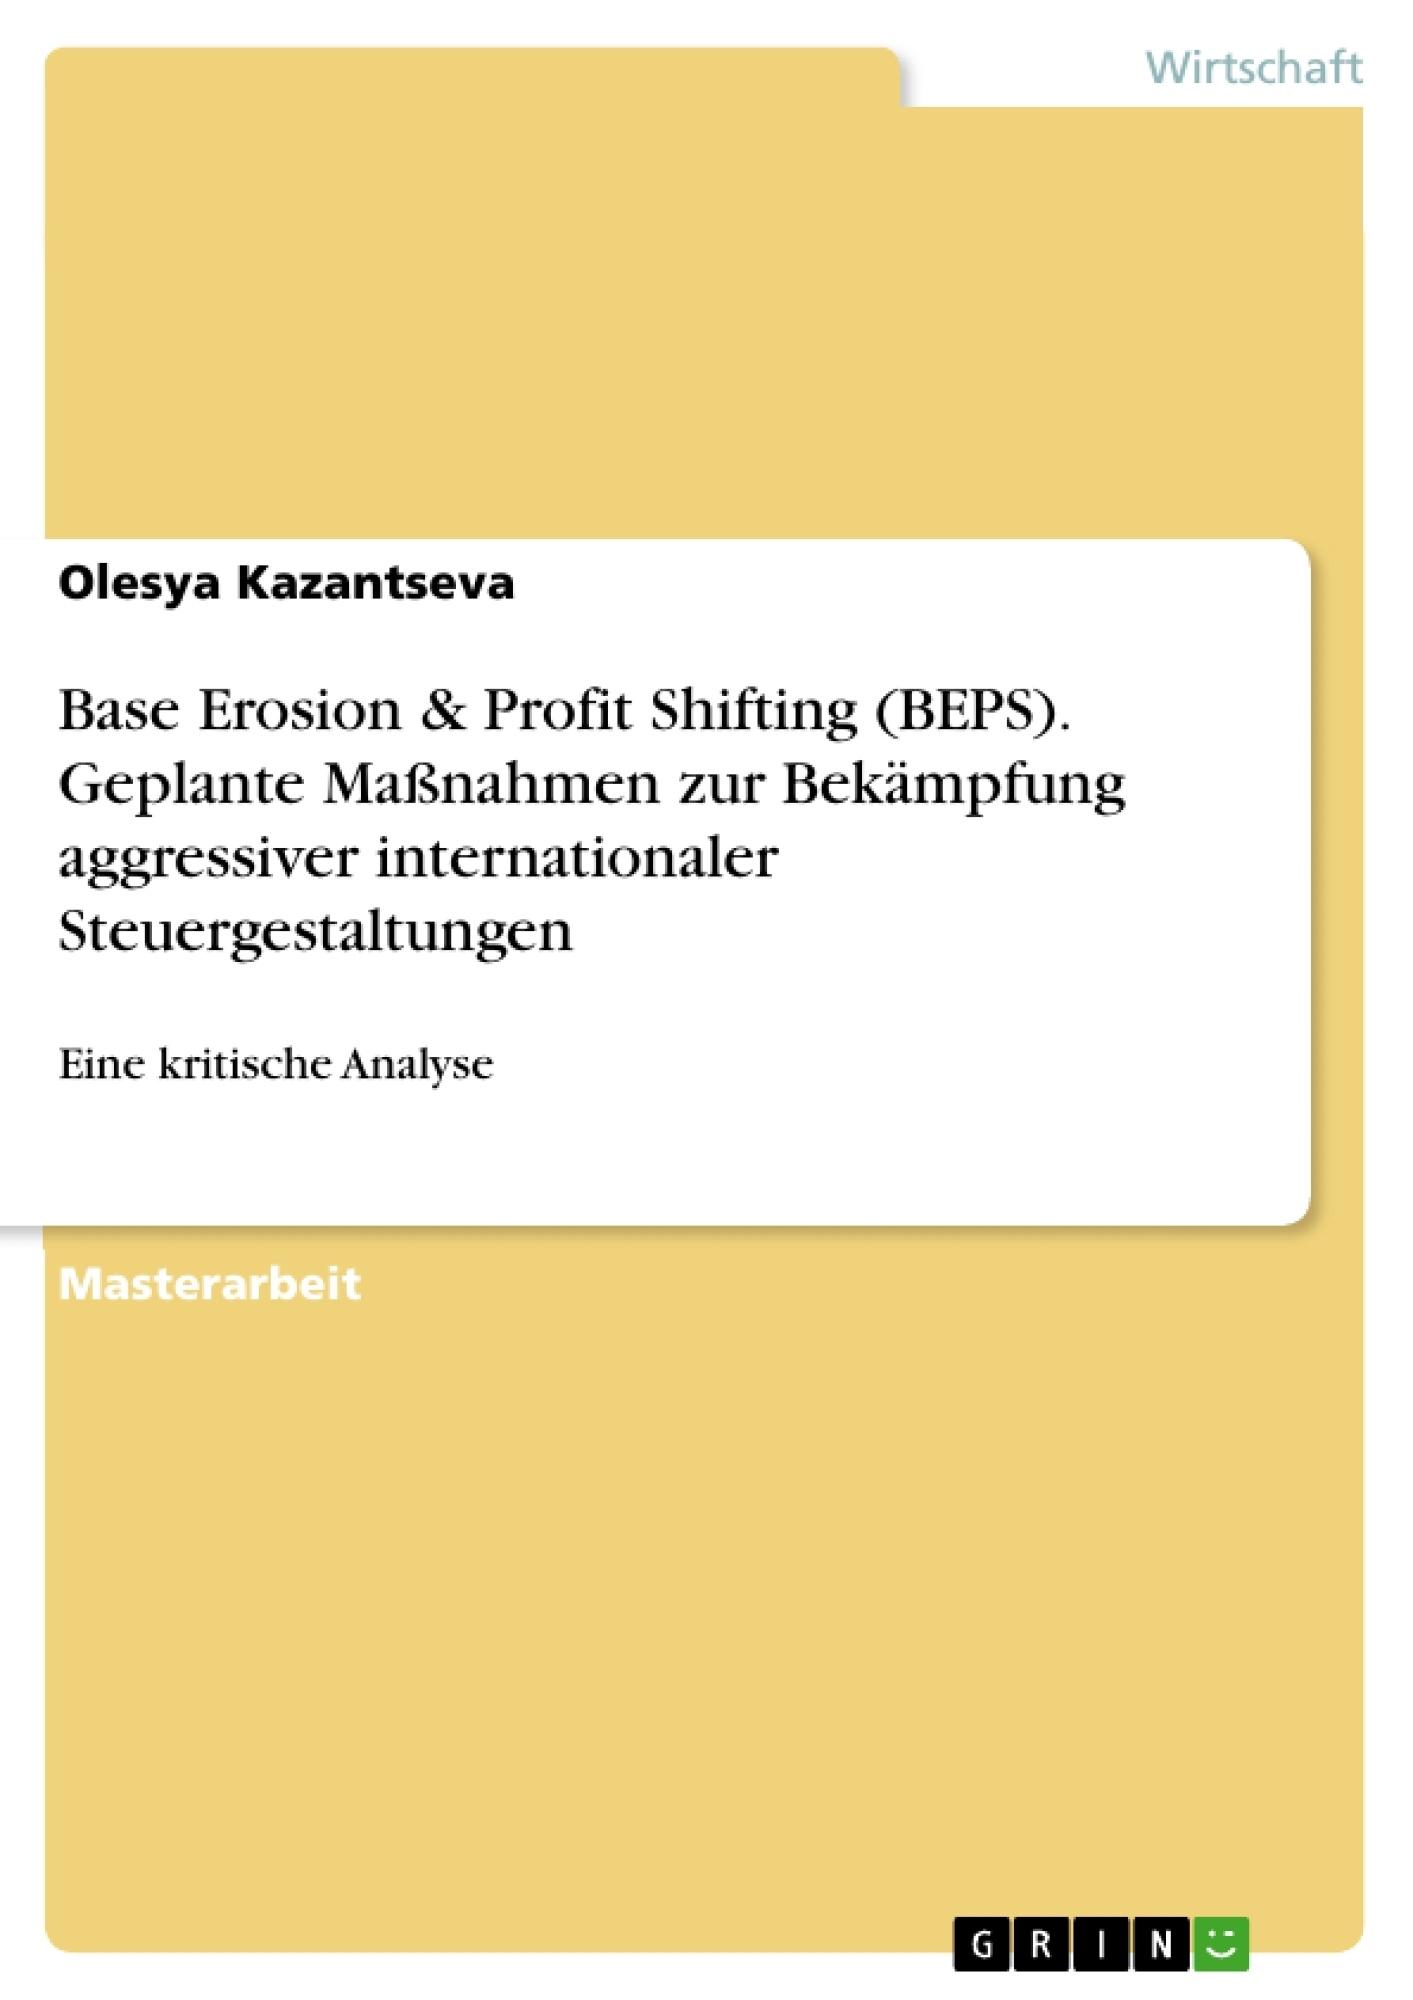 Titel: Base Erosion & Profit Shifting (BEPS). Geplante Maßnahmen zur Bekämpfung aggressiver internationaler Steuergestaltungen